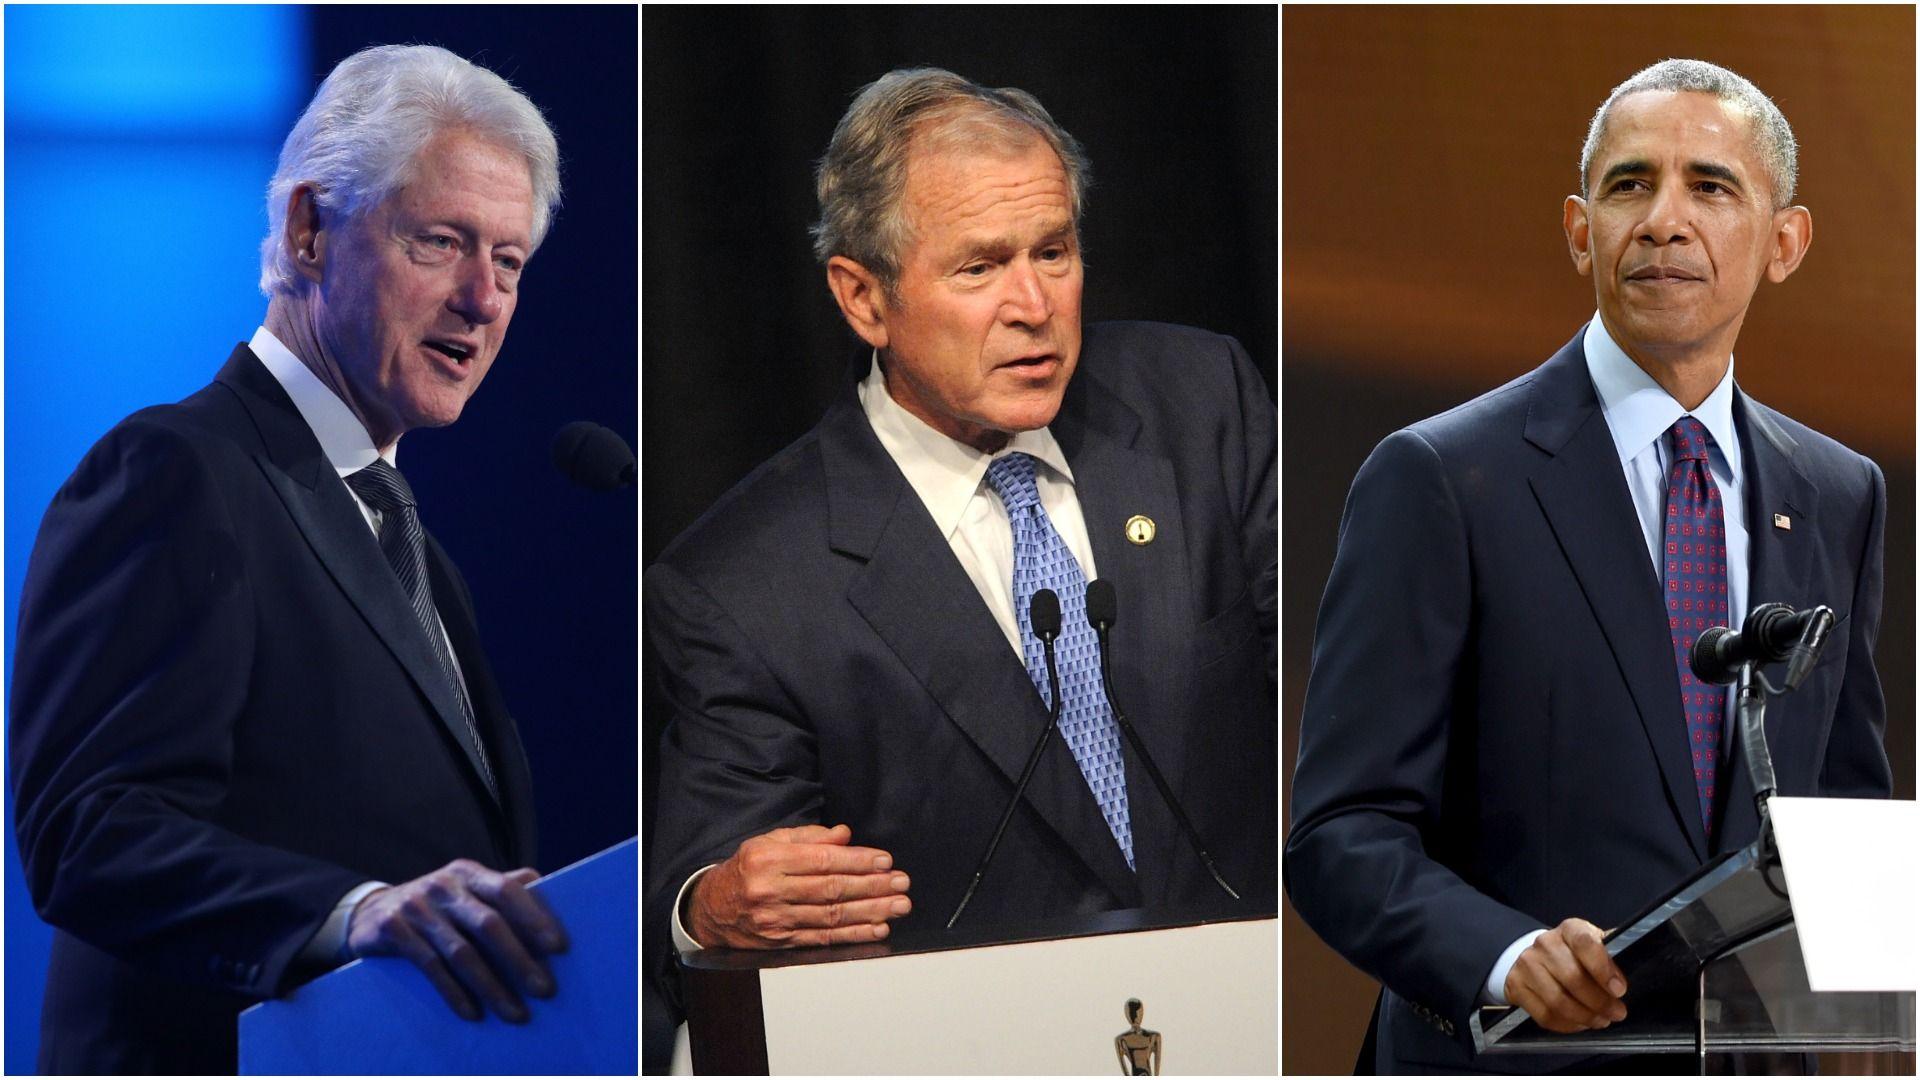 Former Presidents Bill Clinton,  George W. Bush and Barack Obama